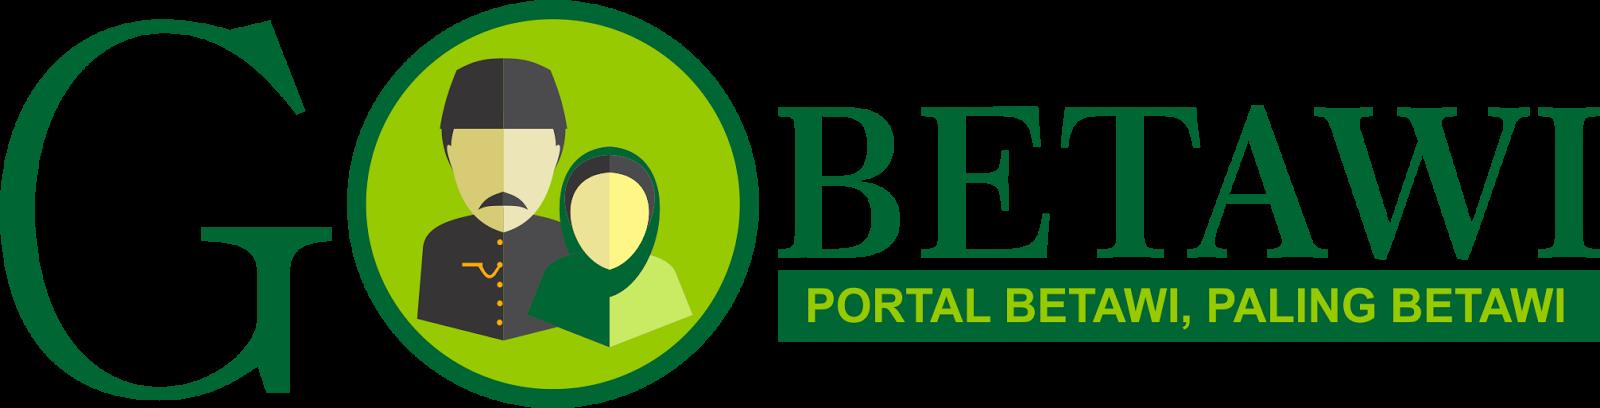 Go Betawi | PORTAL BETAWI, PALING BETAWI